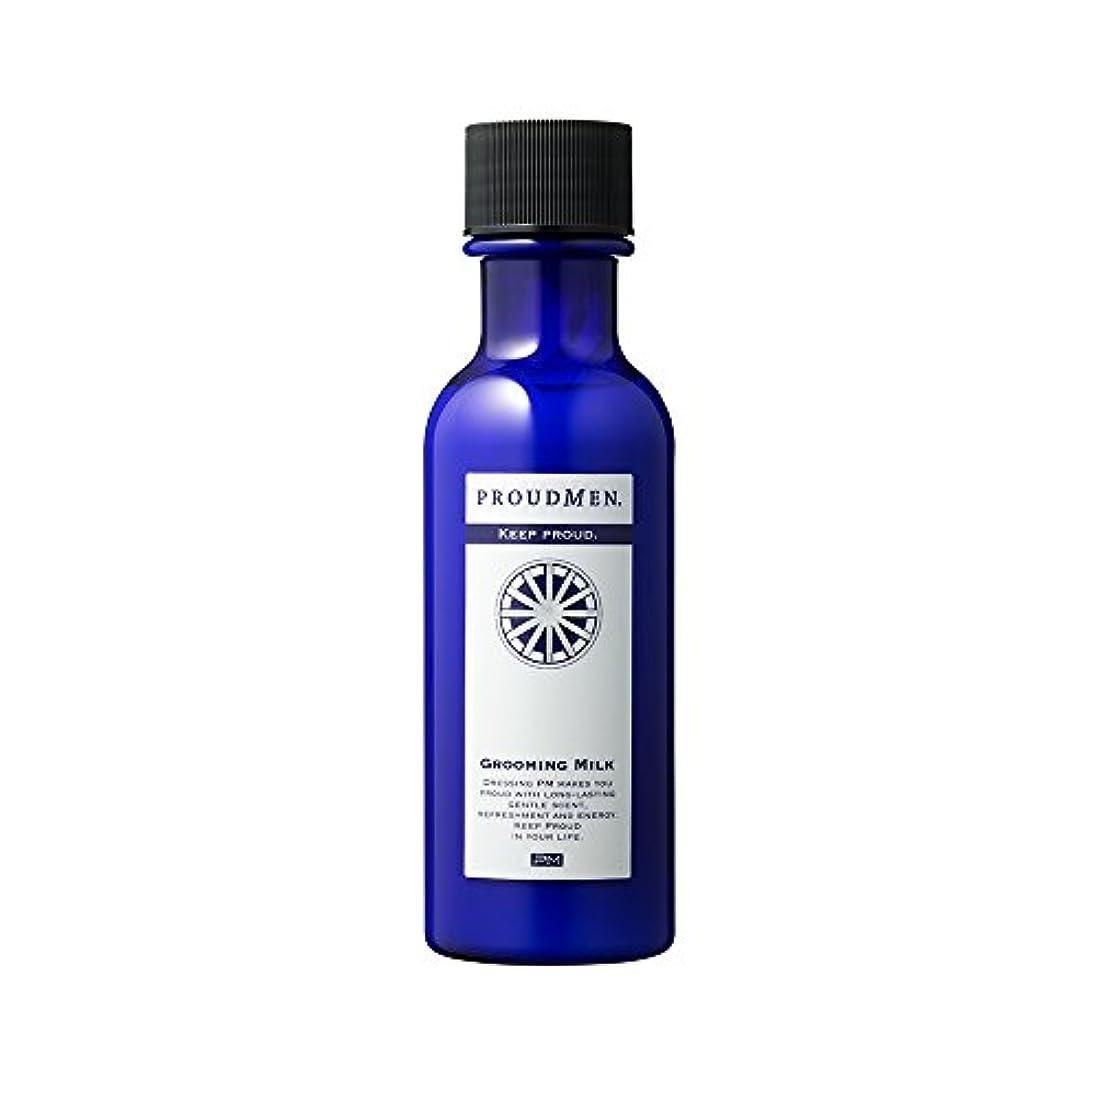 葉っぱ文献美的プラウドメン グルーミングミルク 100ml 化粧水 メンズ アフターシェーブ